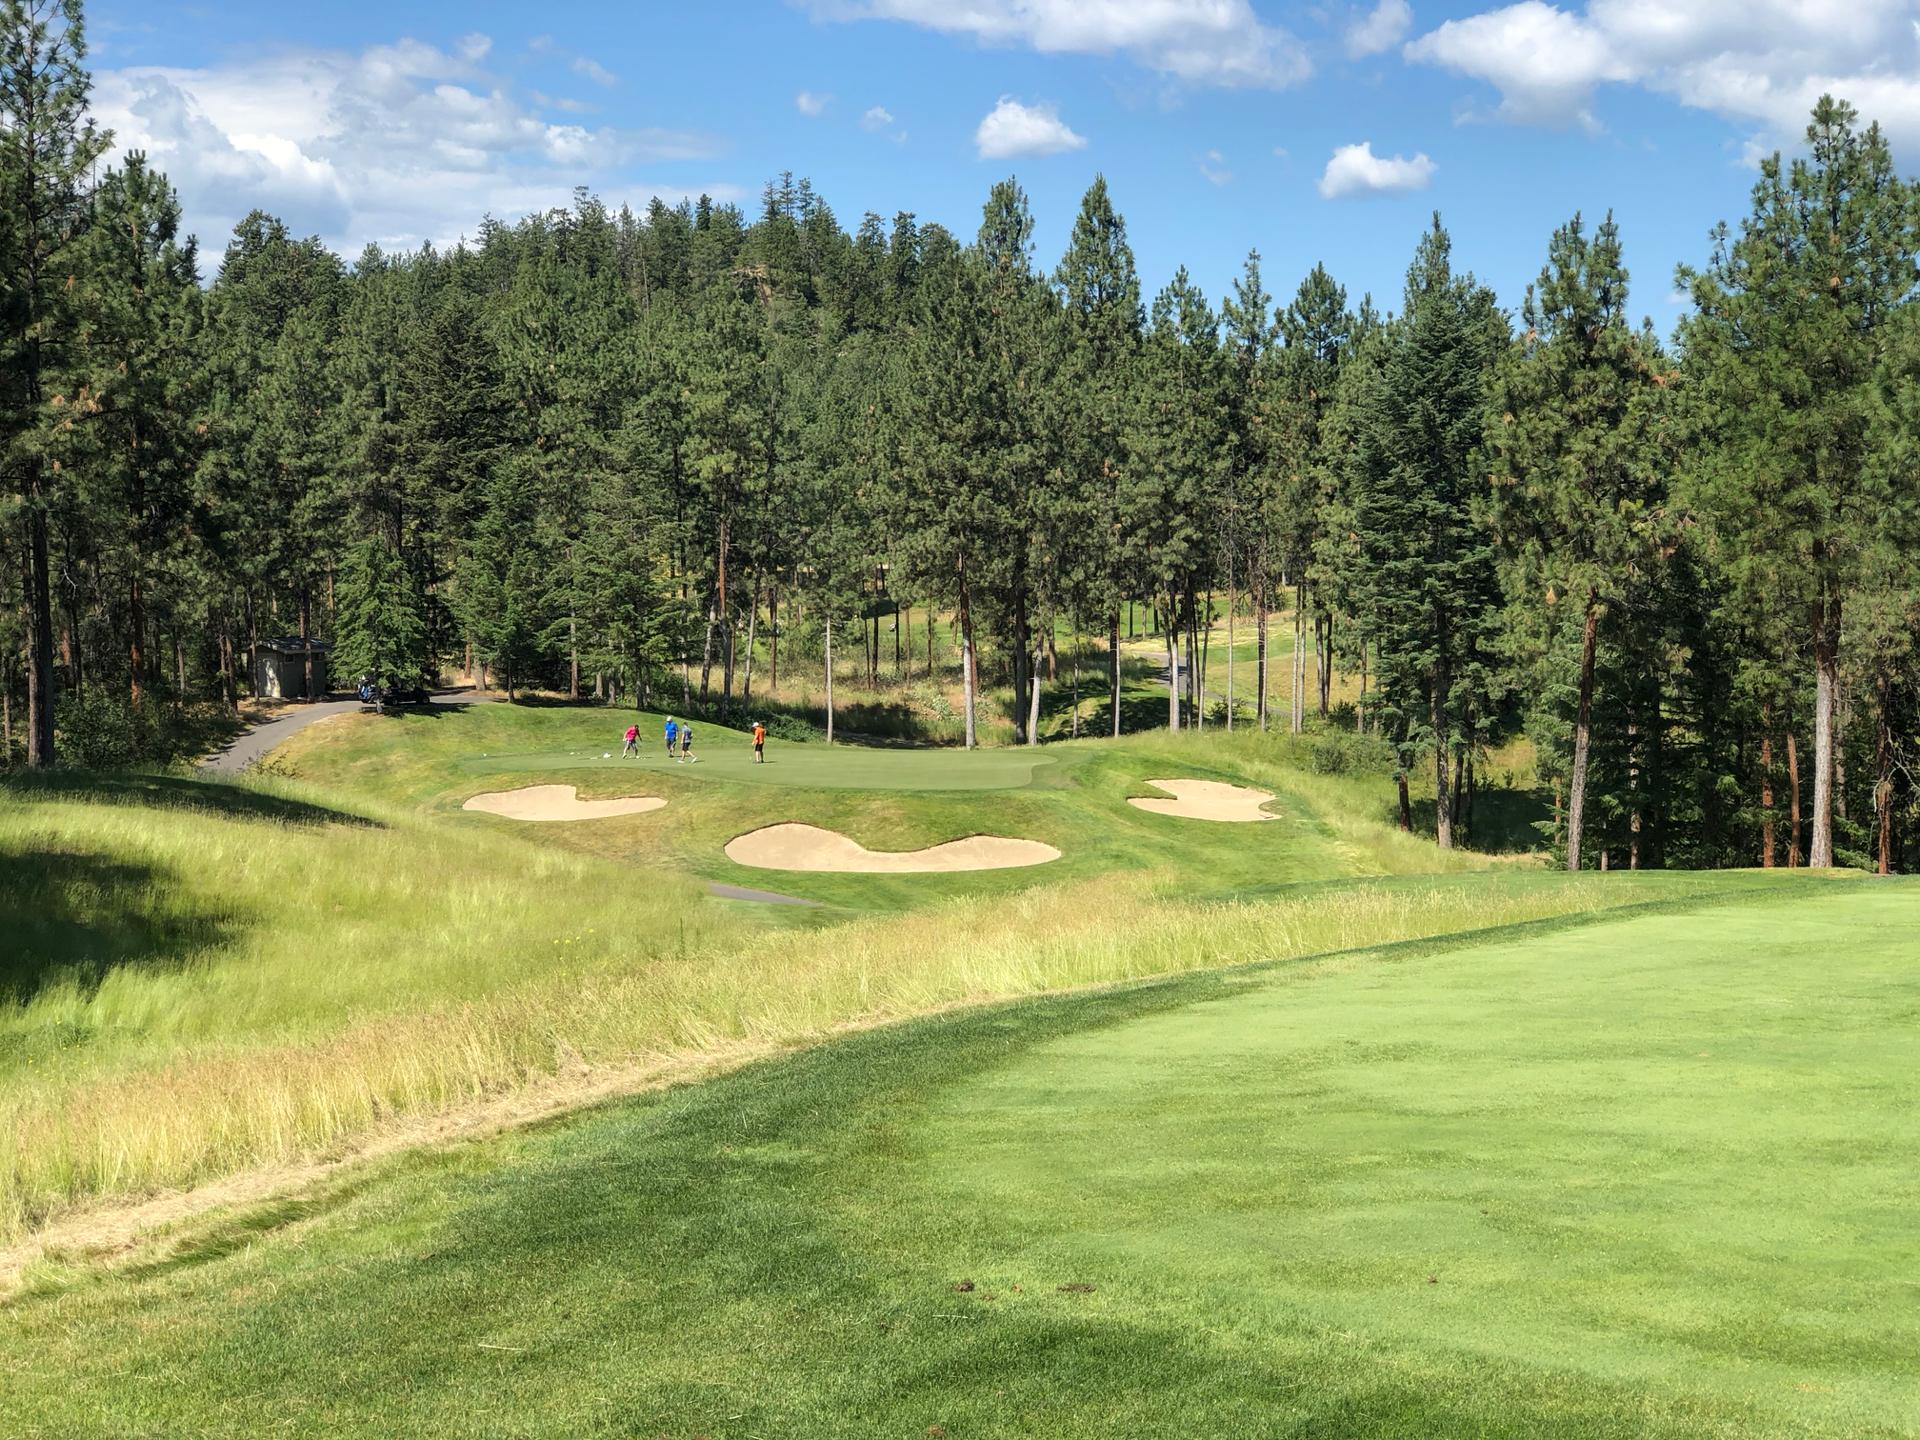 2019 06 Golf Trip - 2.jpg